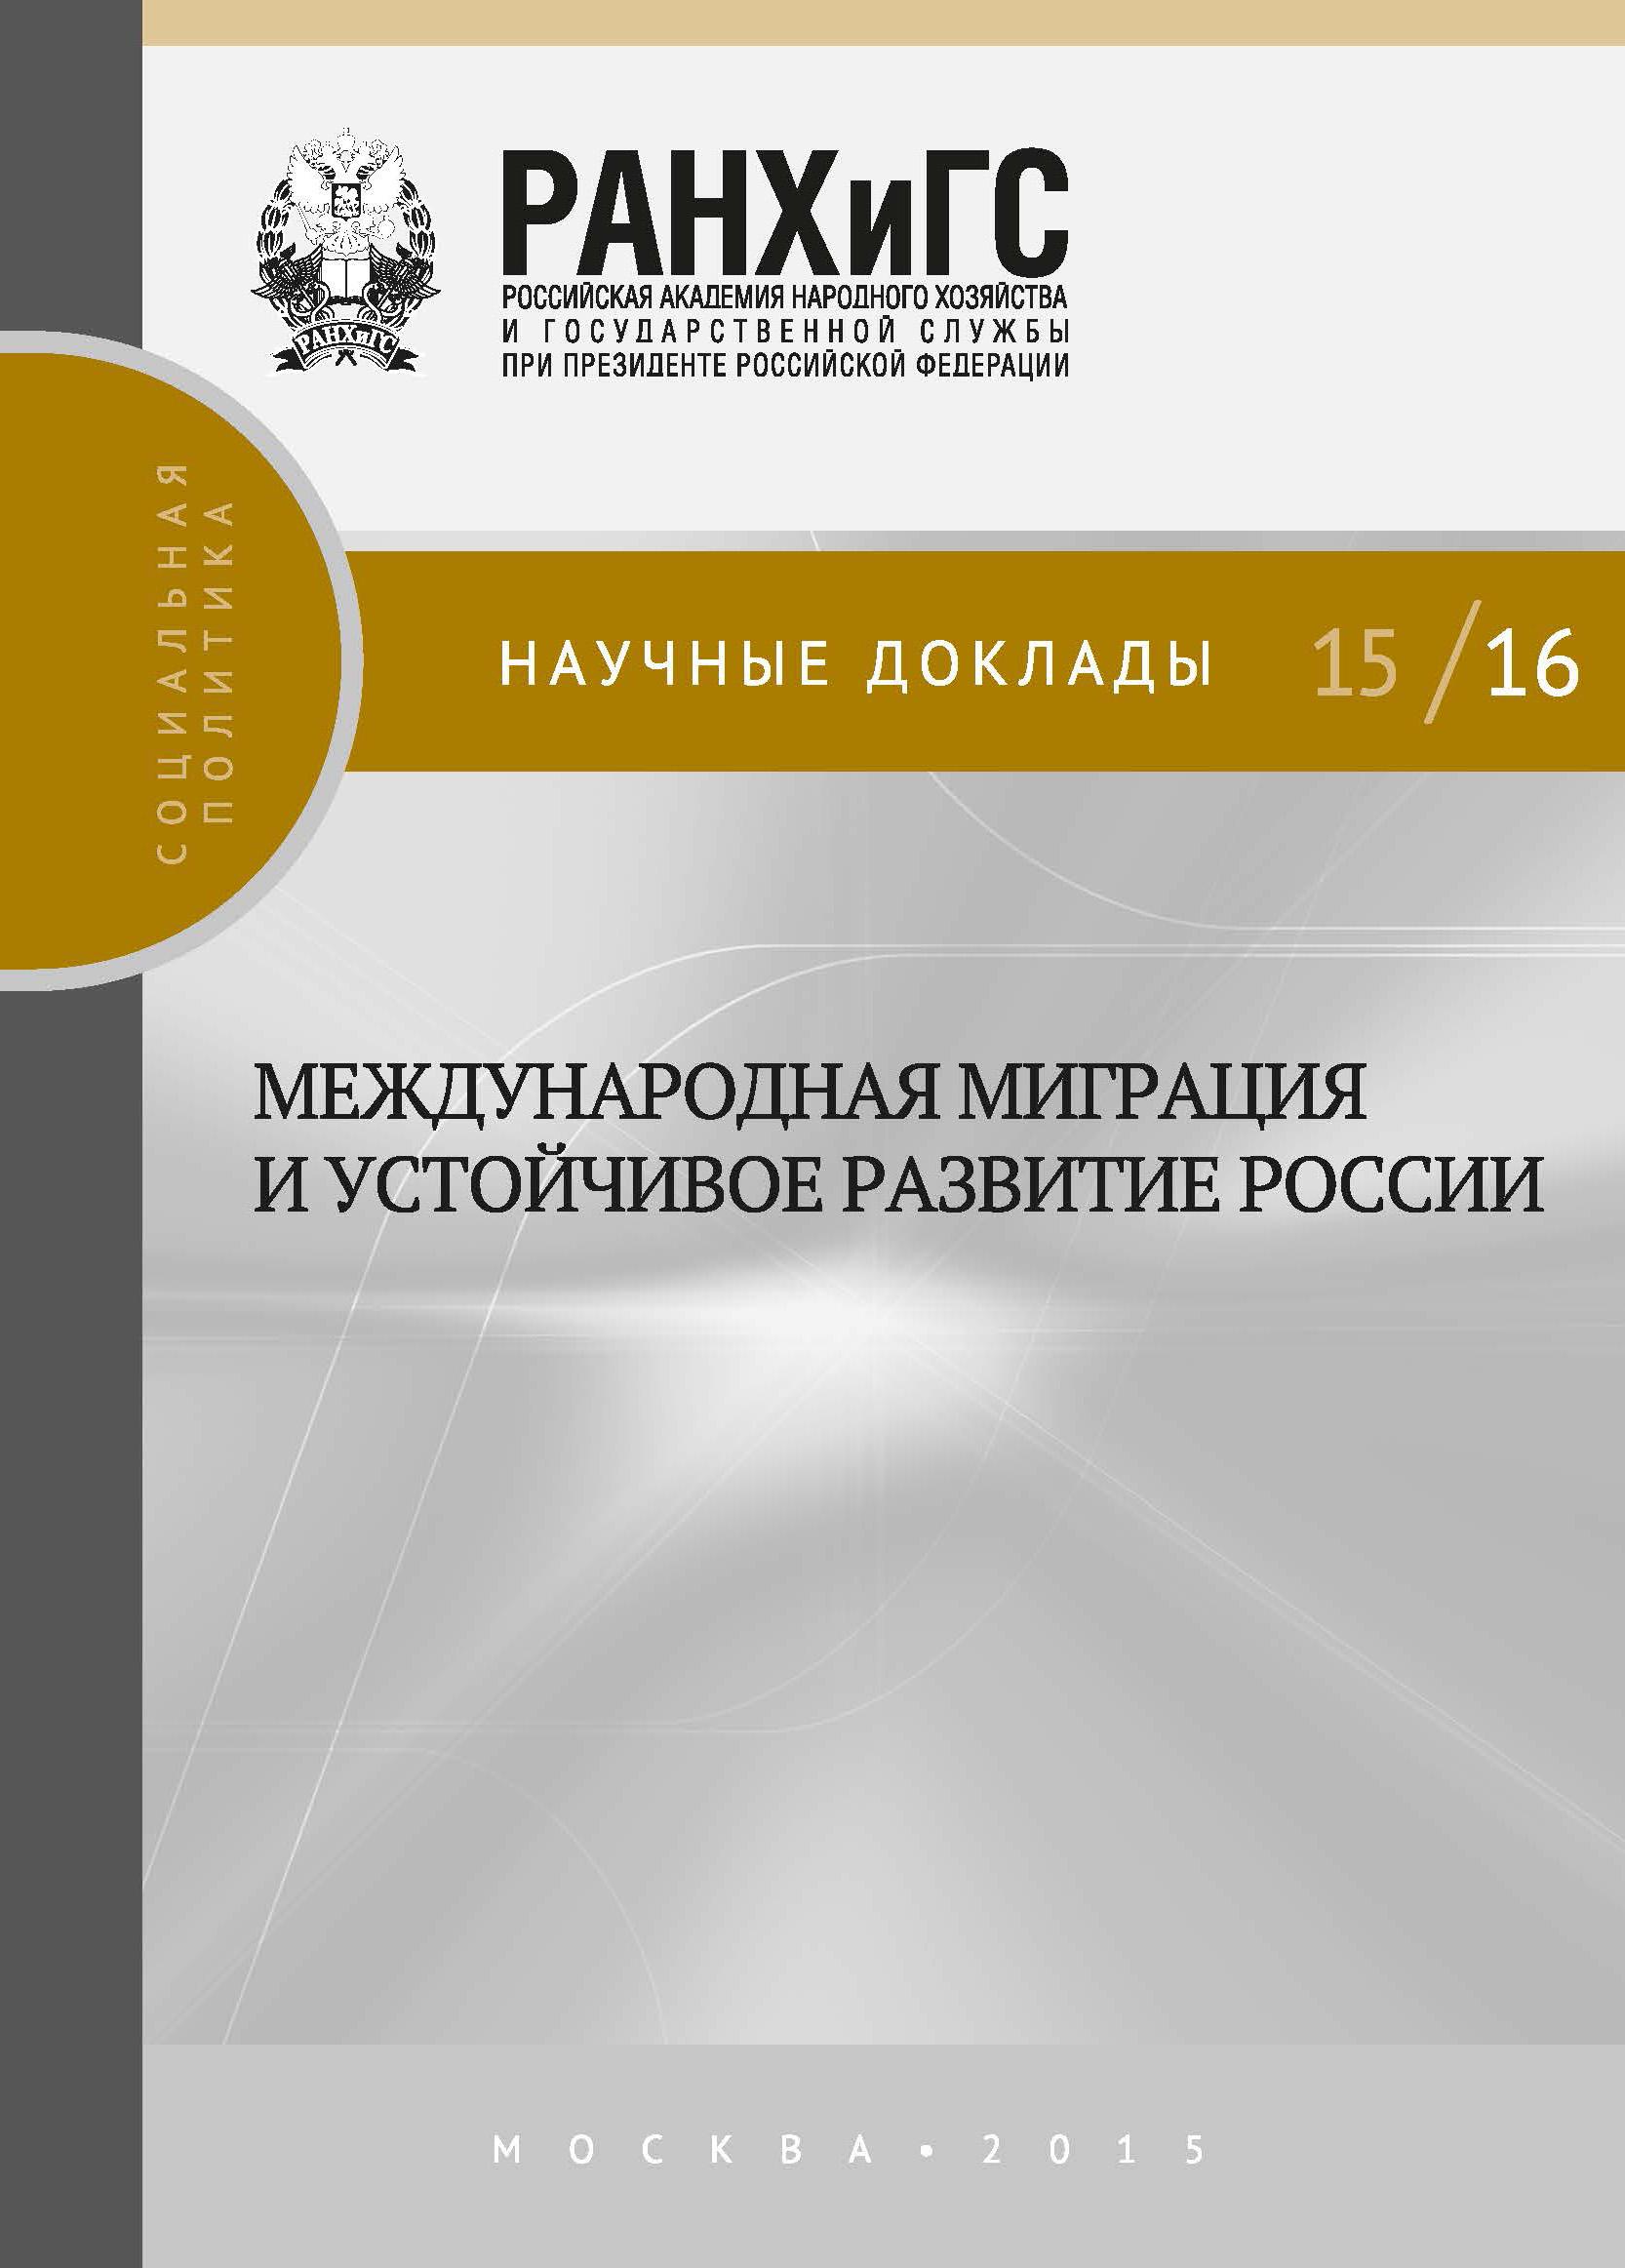 Коллектив авторов Международная миграция и устойчивое развитие России